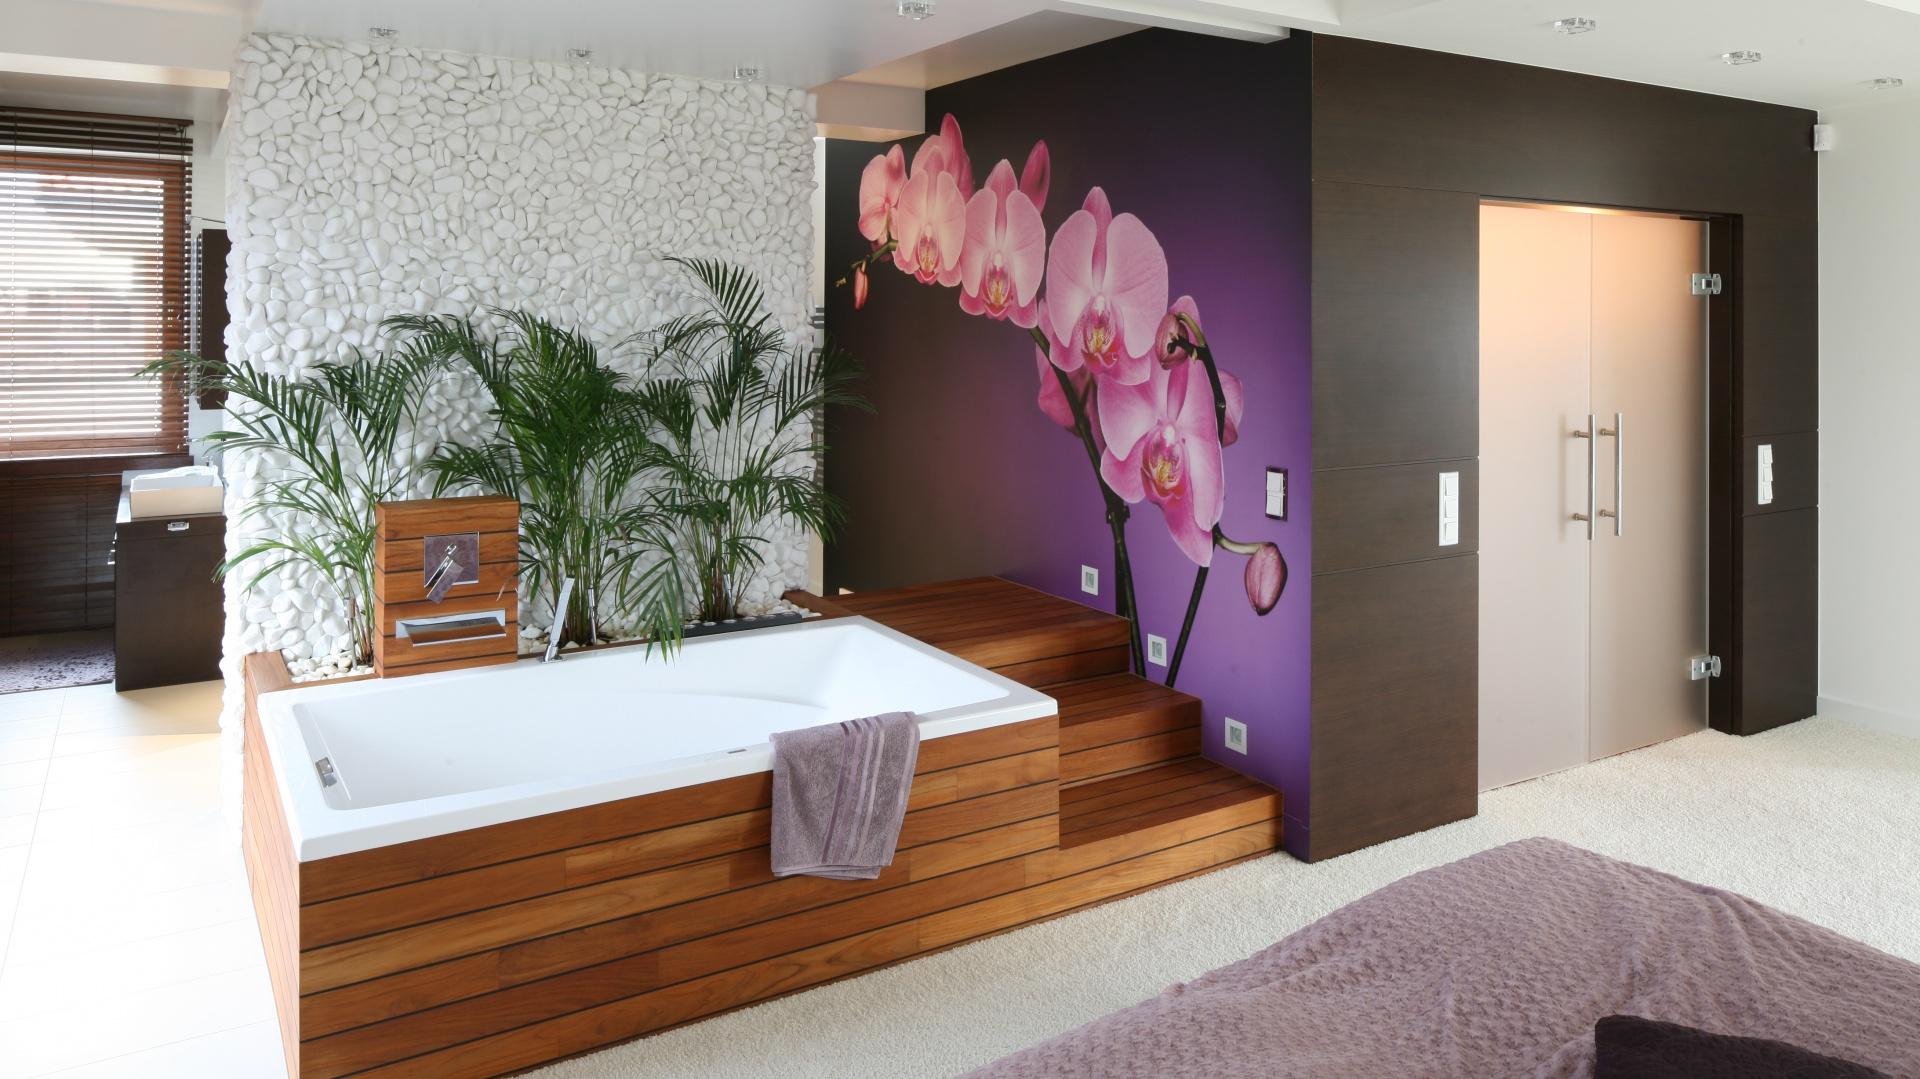 Dużo przestrzeni, lekka aranżacja i  jasna kolorystyka to główne cechy projektu. Najmocniejszym akcentem kolorystycznym jest ciemna ściana, na której pięknie prezentuje się różowy storczyk. Fot. Bartosz Jarosz